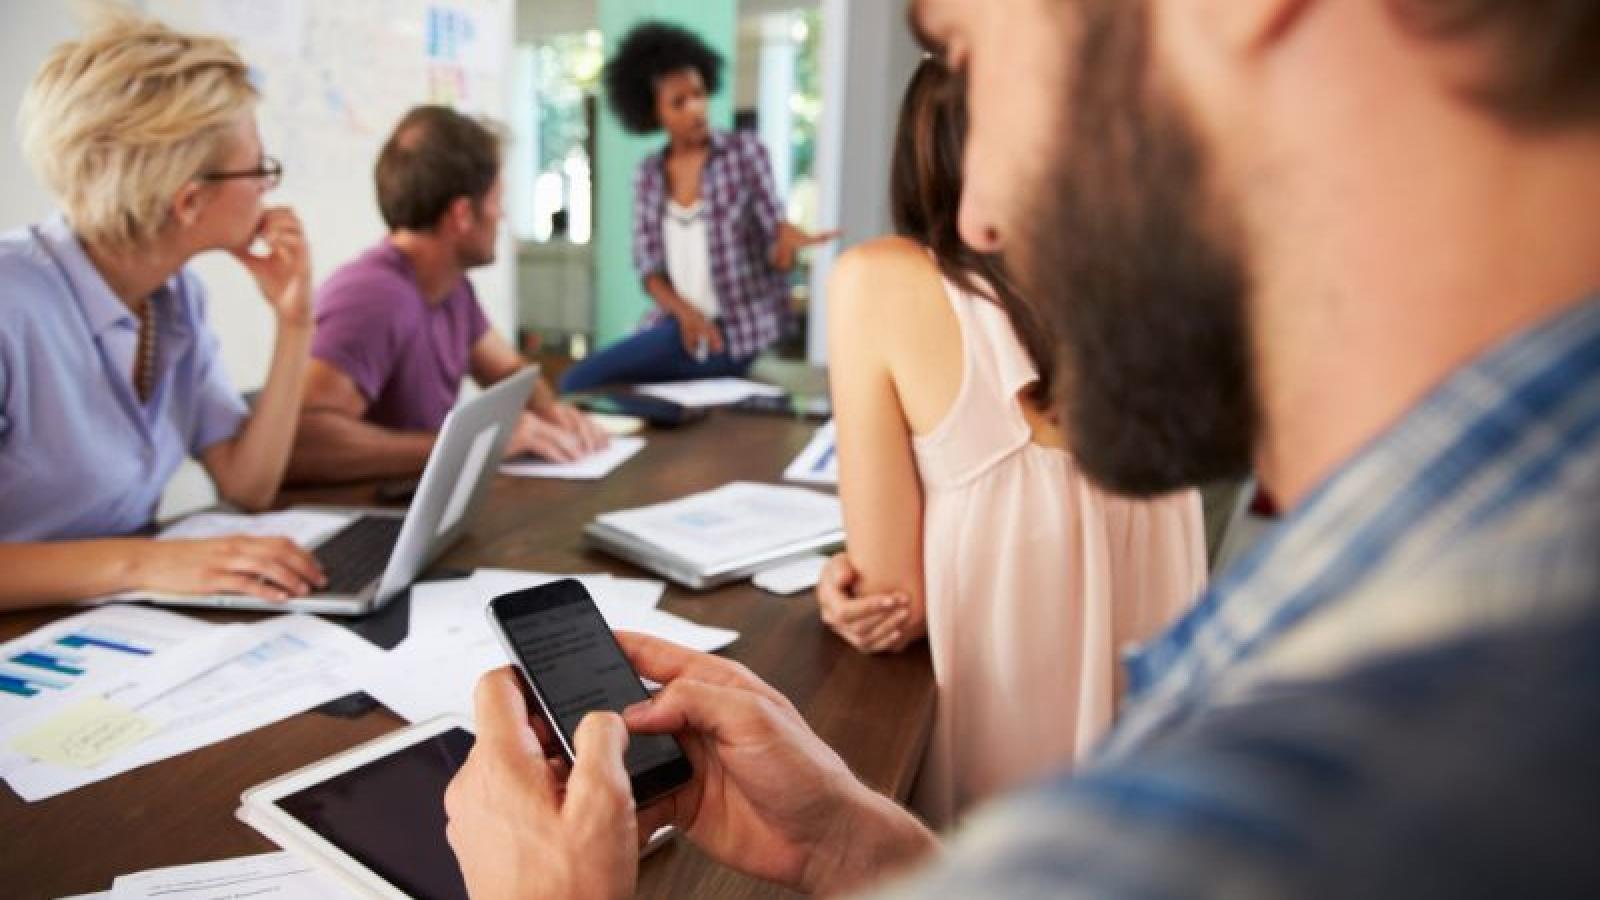 Tại sao người dùng không thể ngừng kiểm tra smartphone sau khi rời cơ quan?